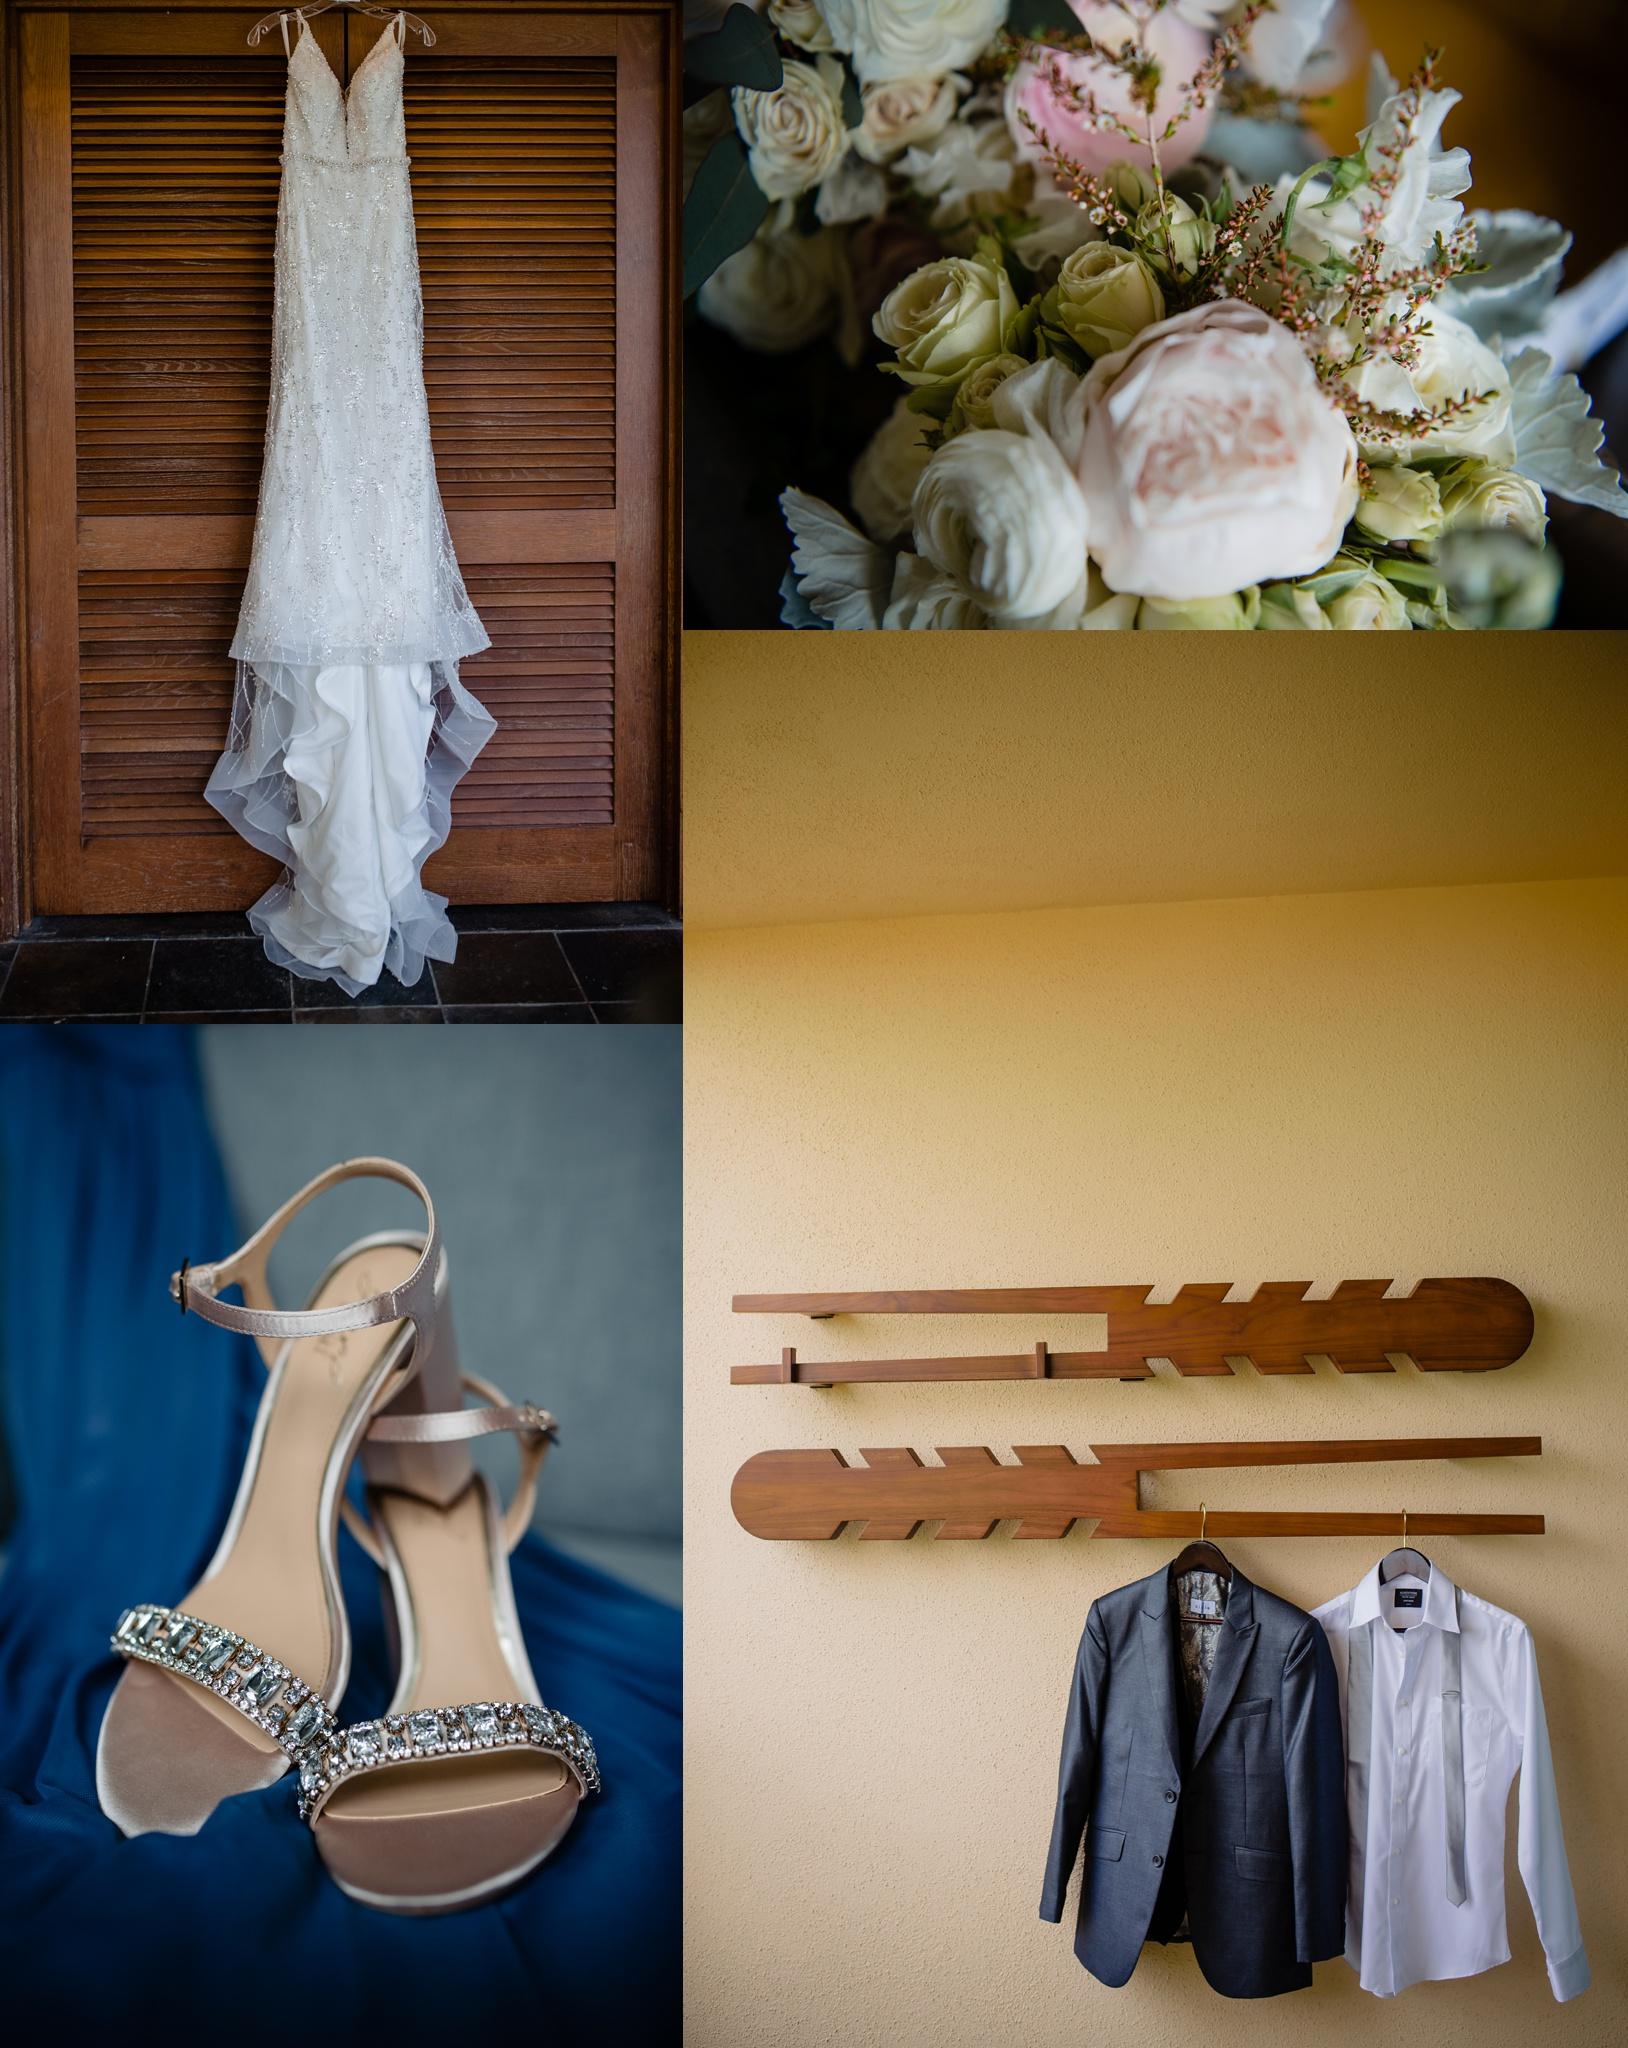 wedding details: dress, flowers, shoes, suit